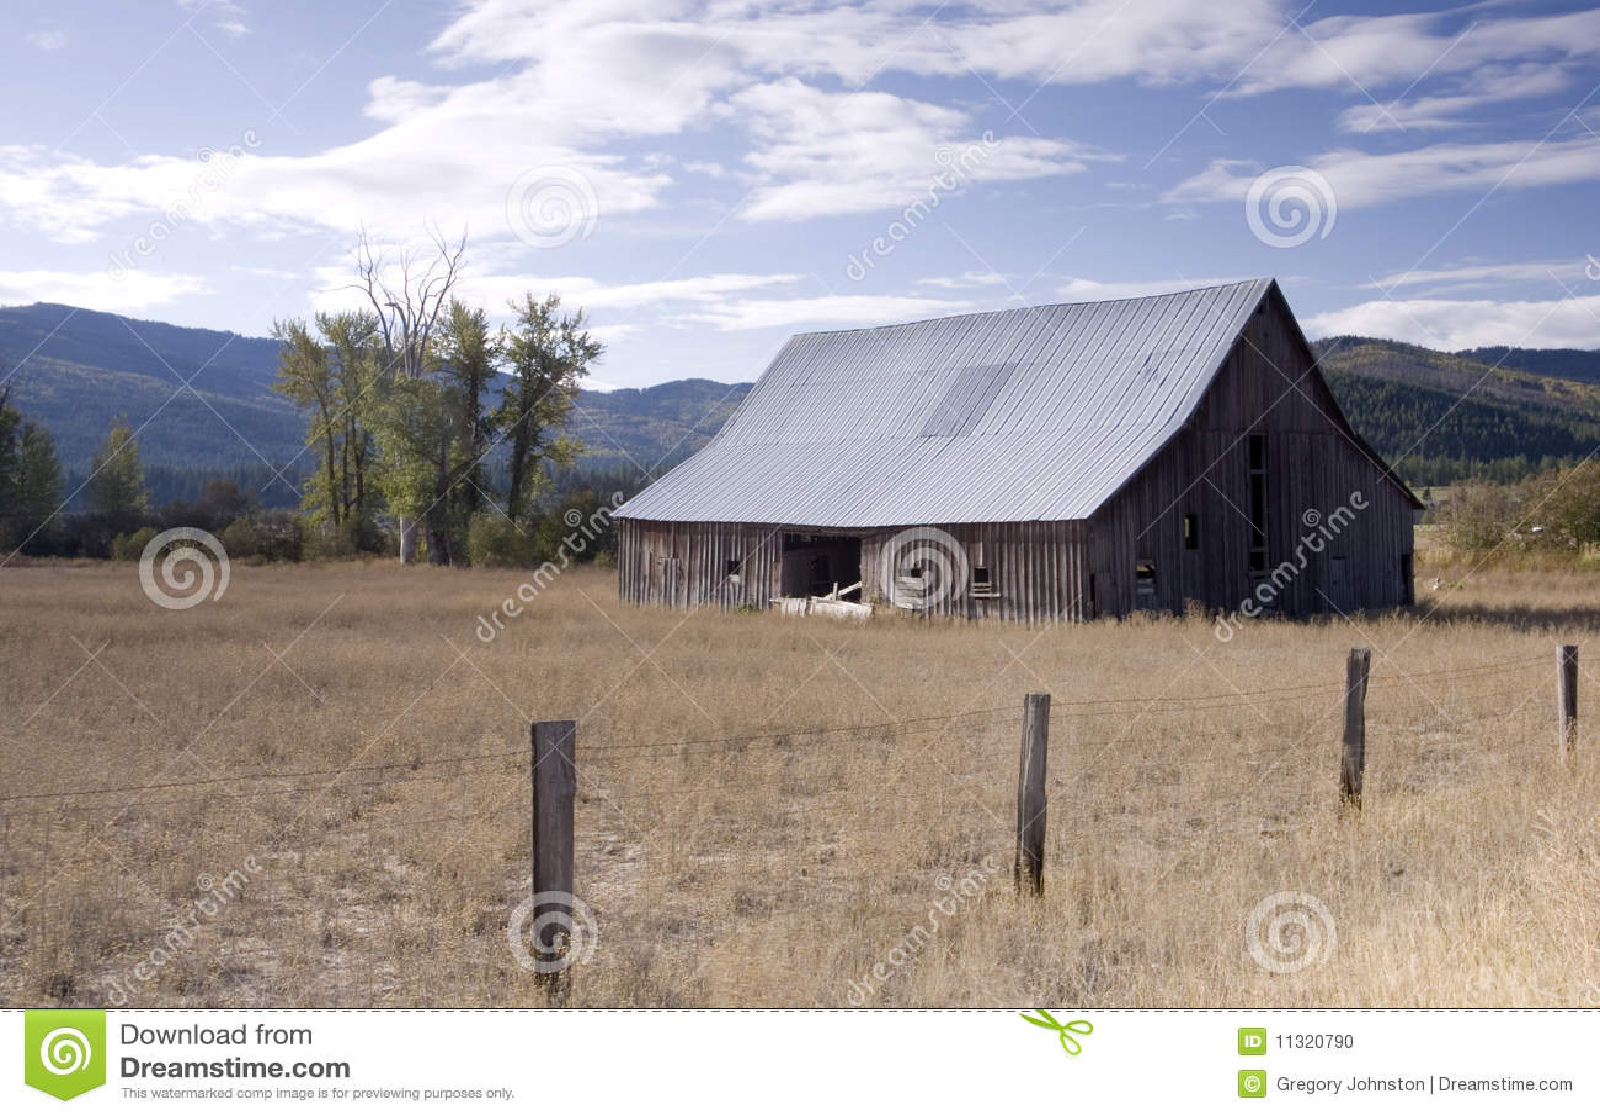 Vieille grange dans une zone rurale.